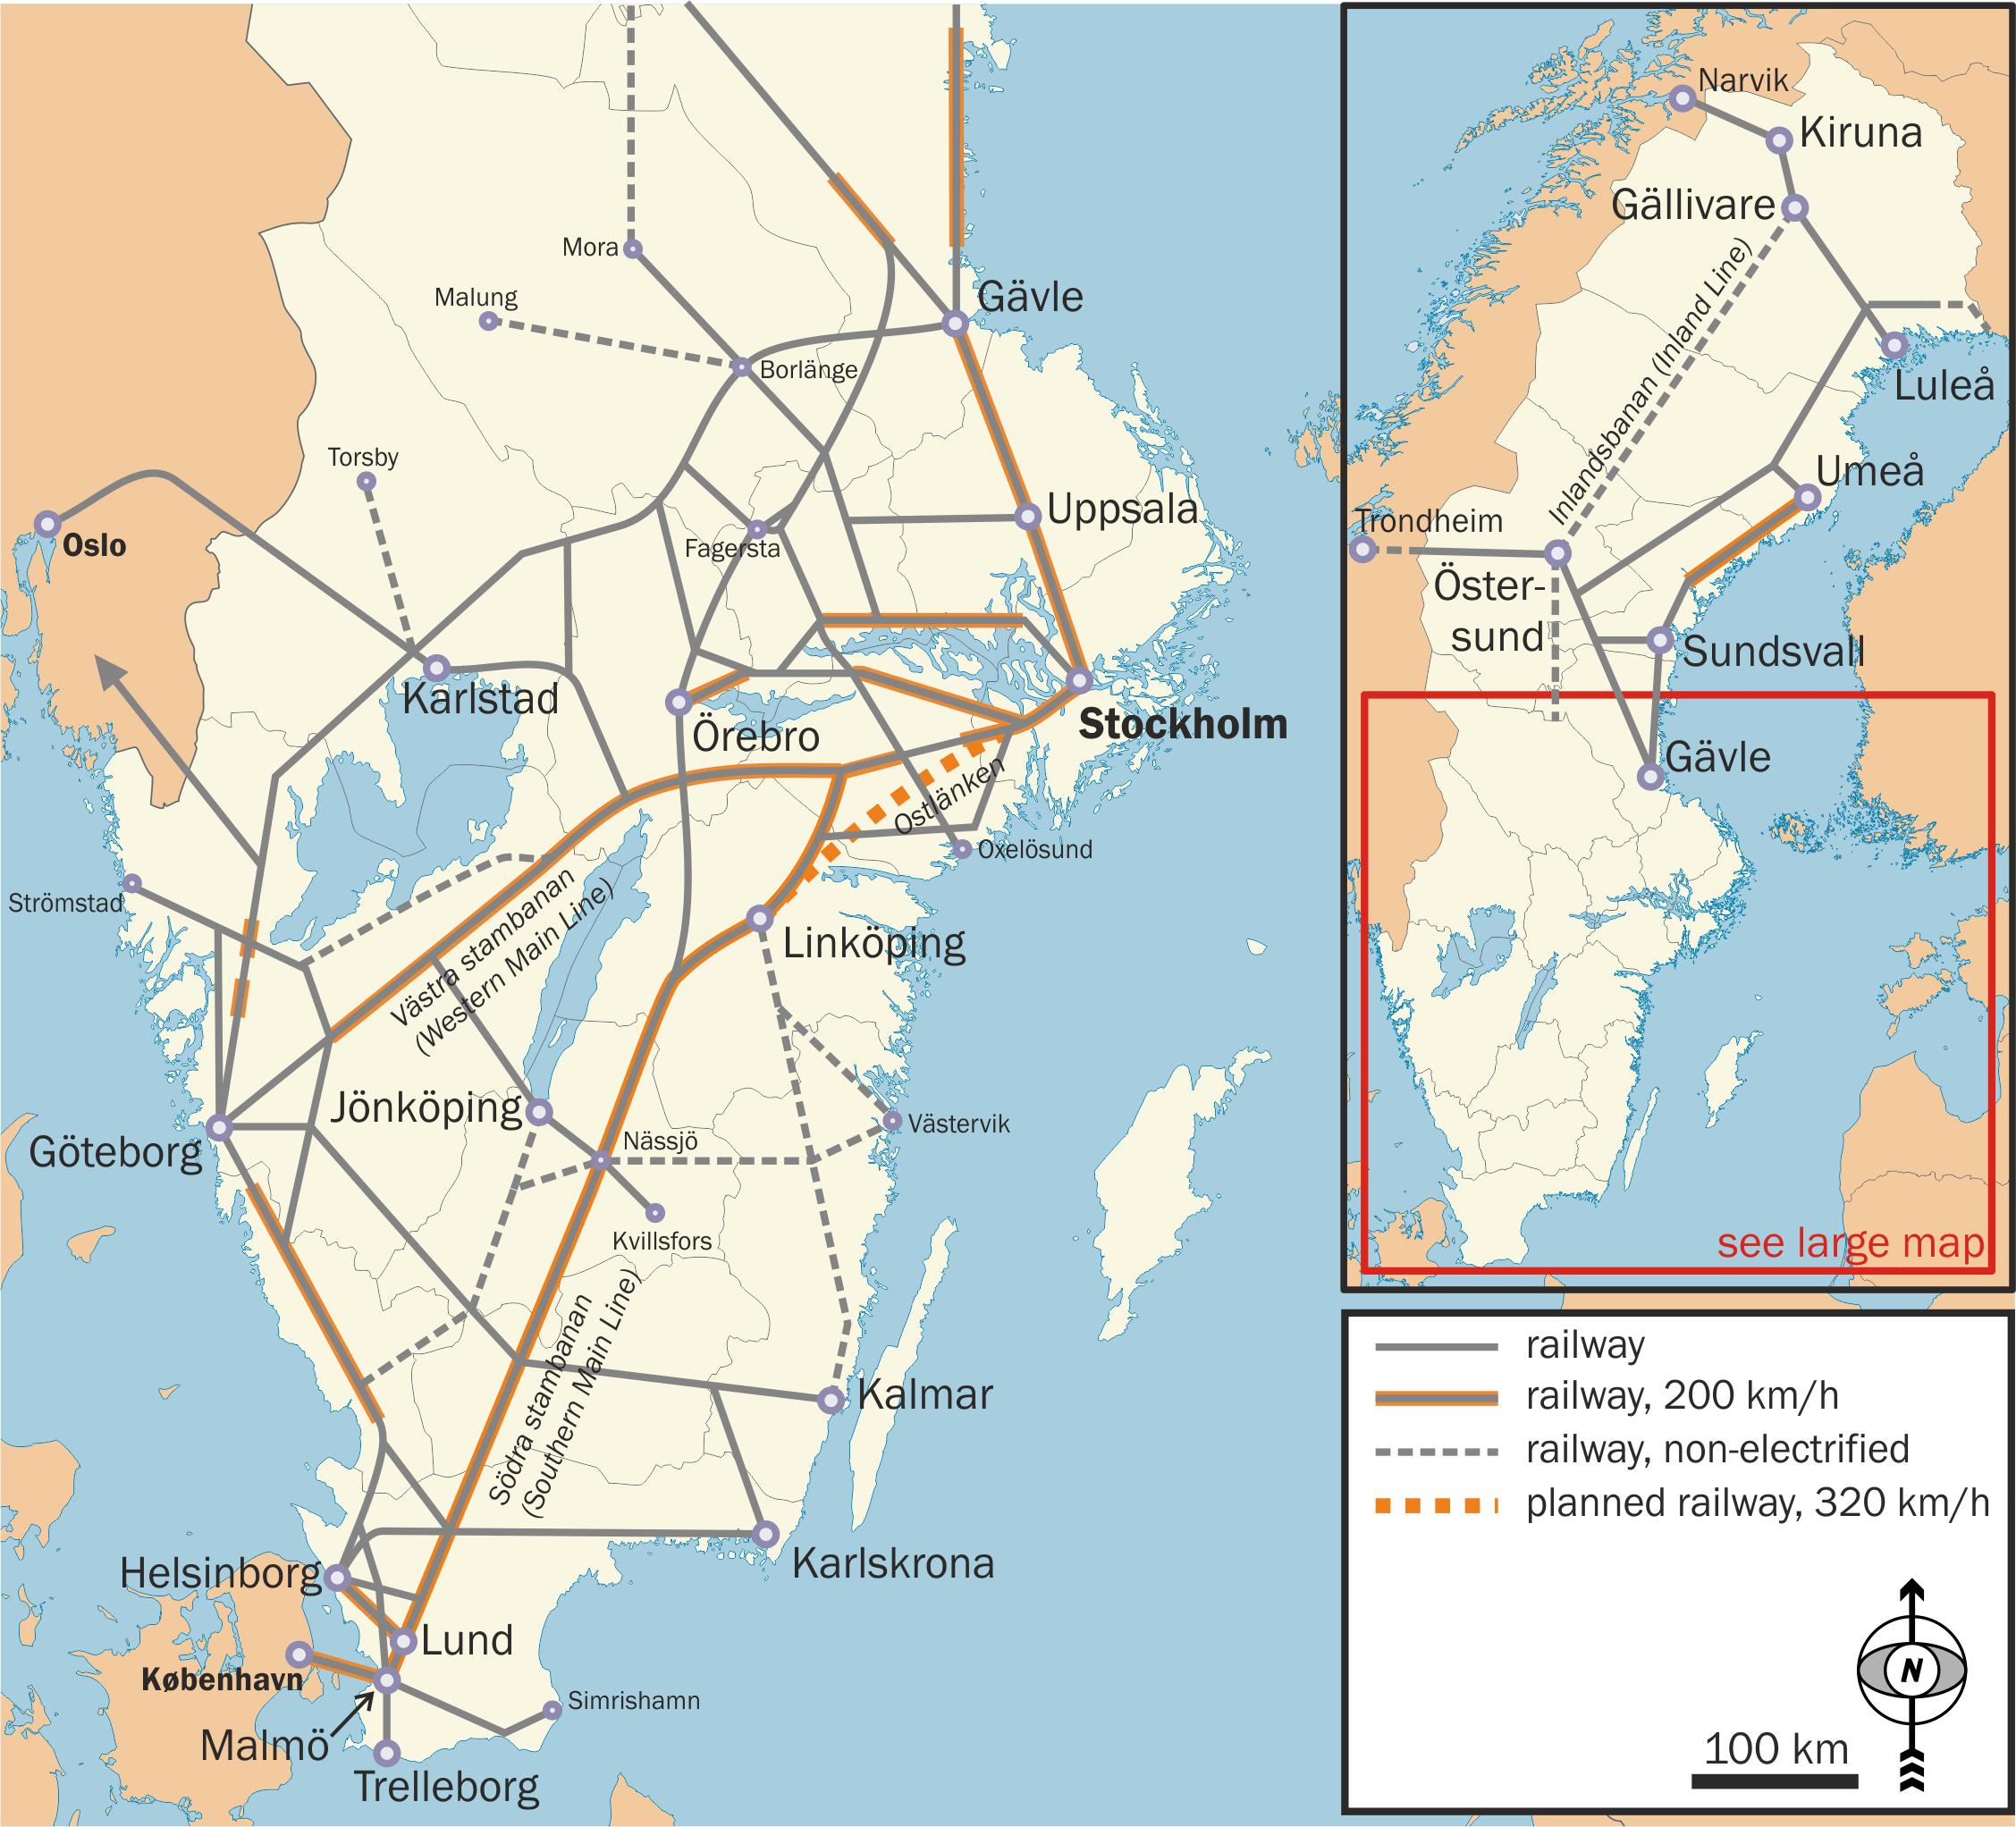 Mapa sieci kolejowej w Szwecji